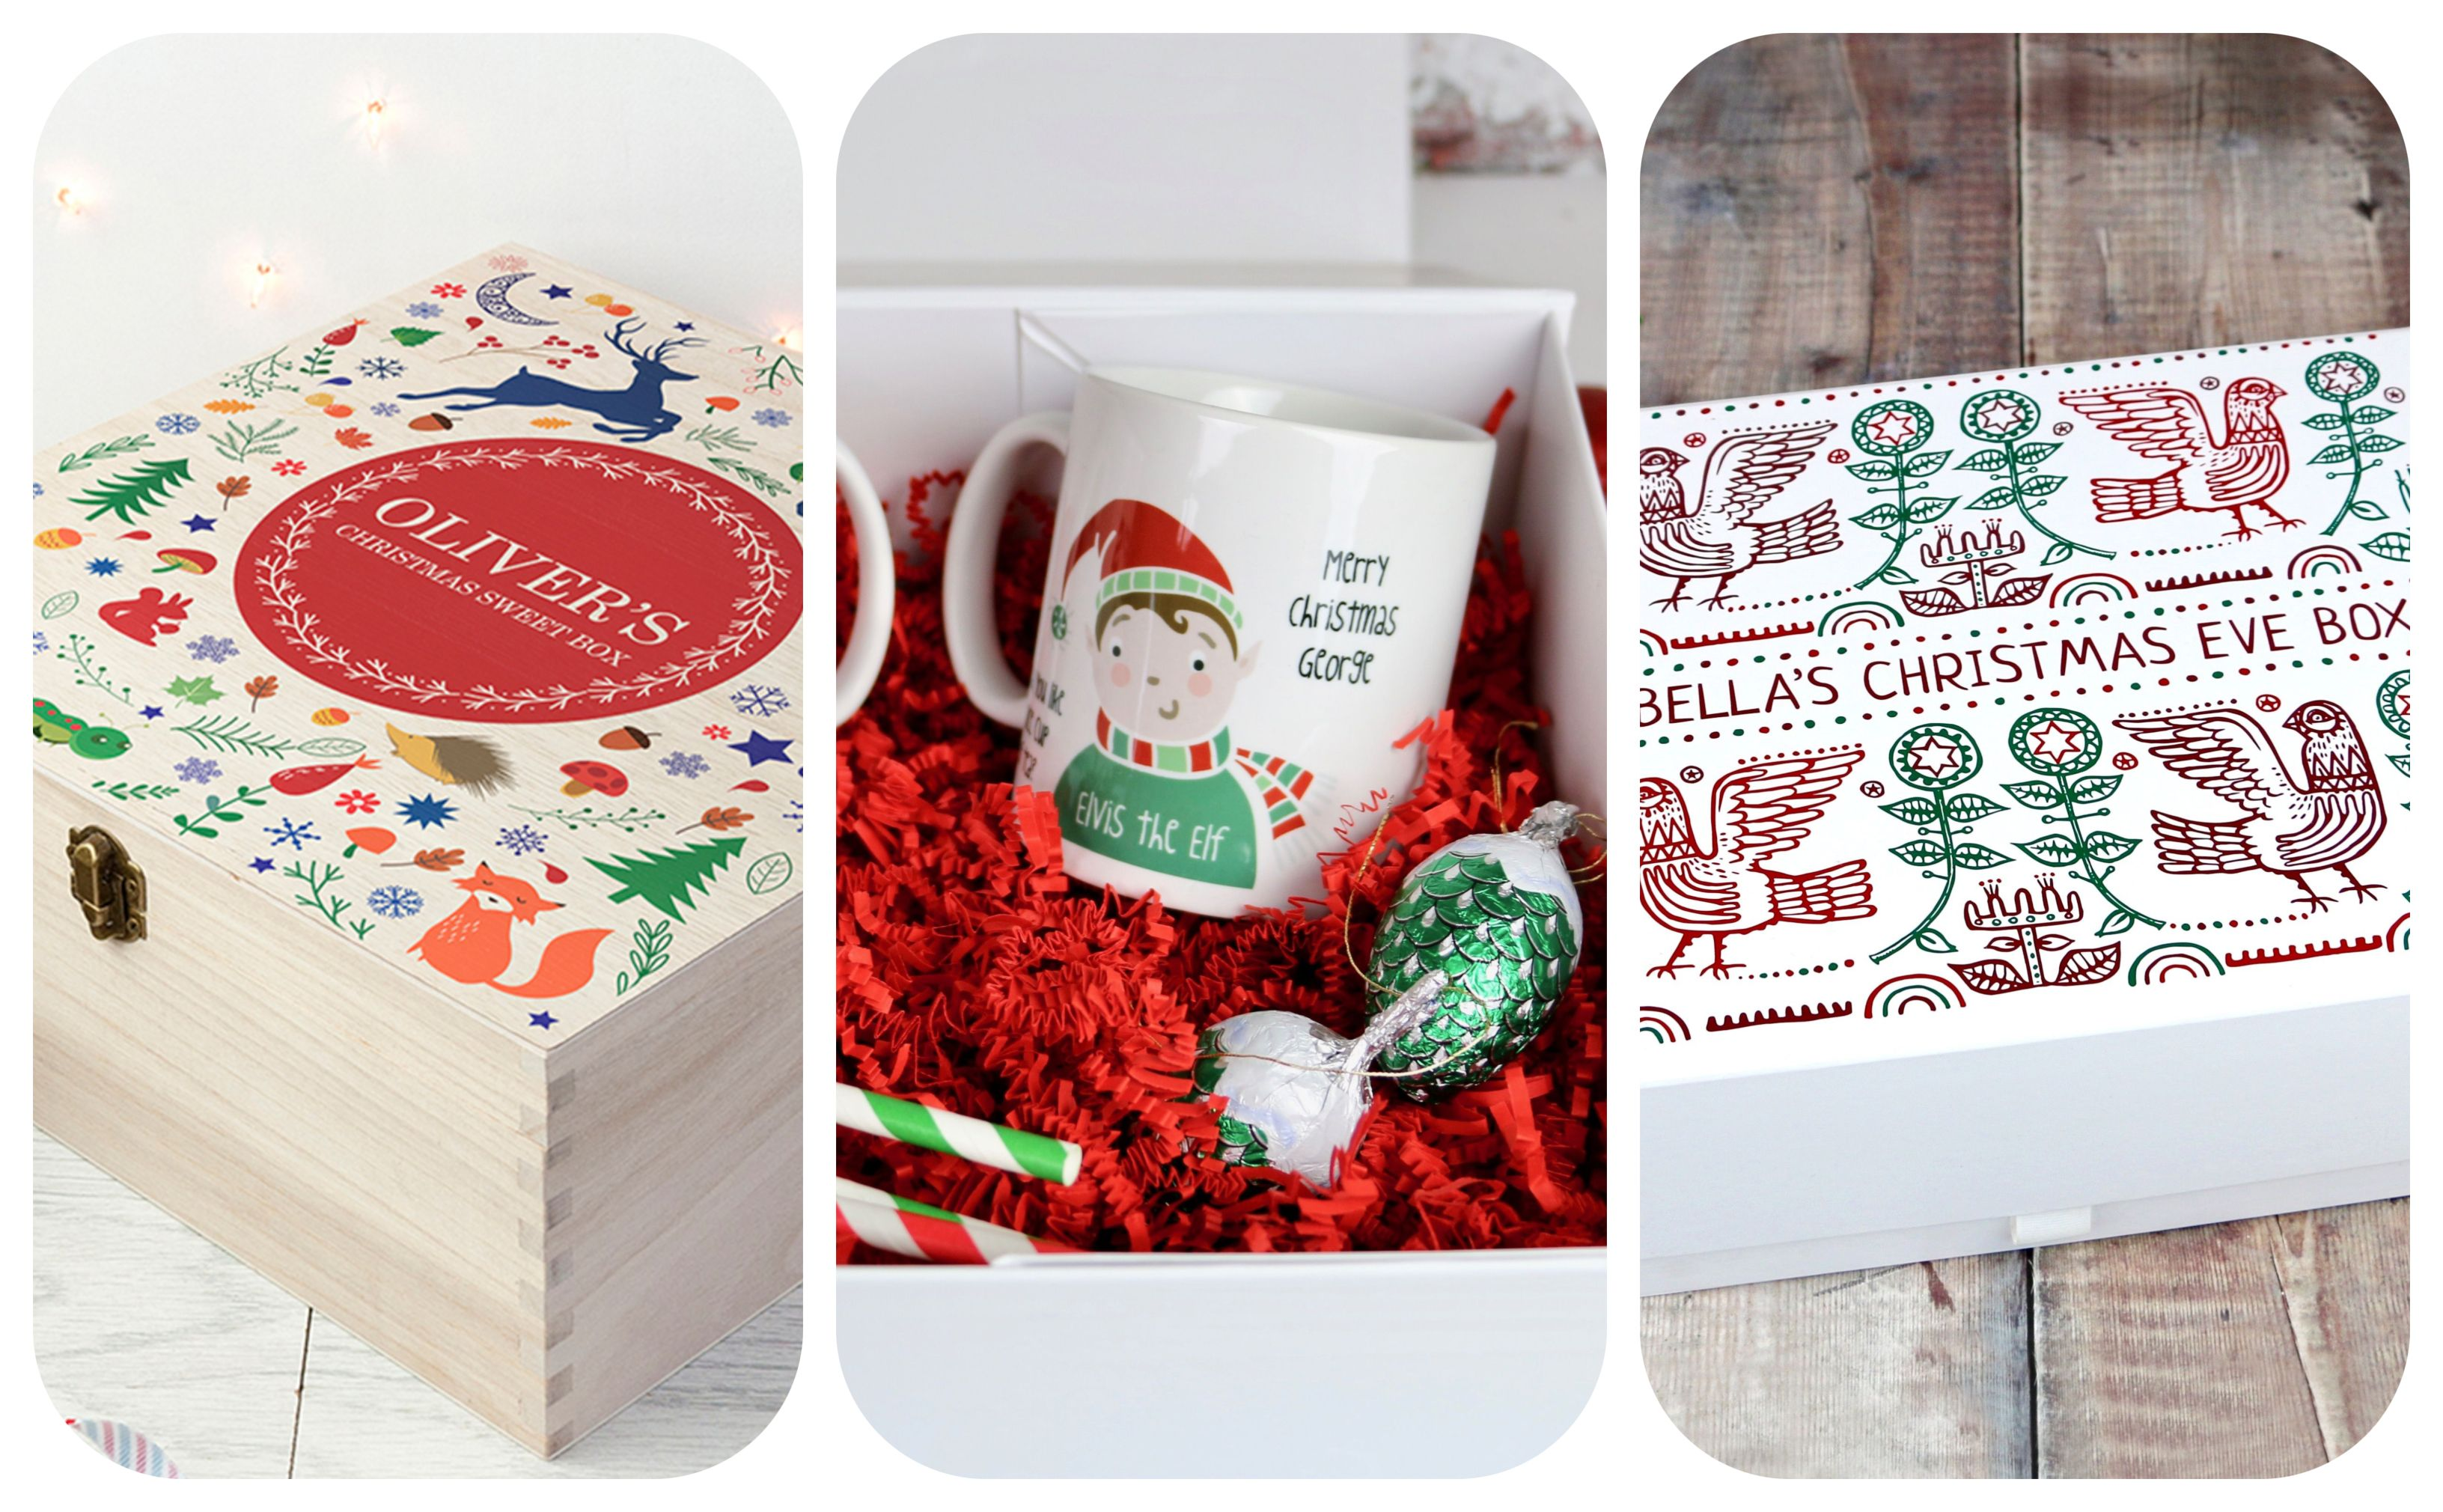 Christmas Eve box ideas & Best Christmas Eve Box Ideas - What To Put In A Christmas Eve Box